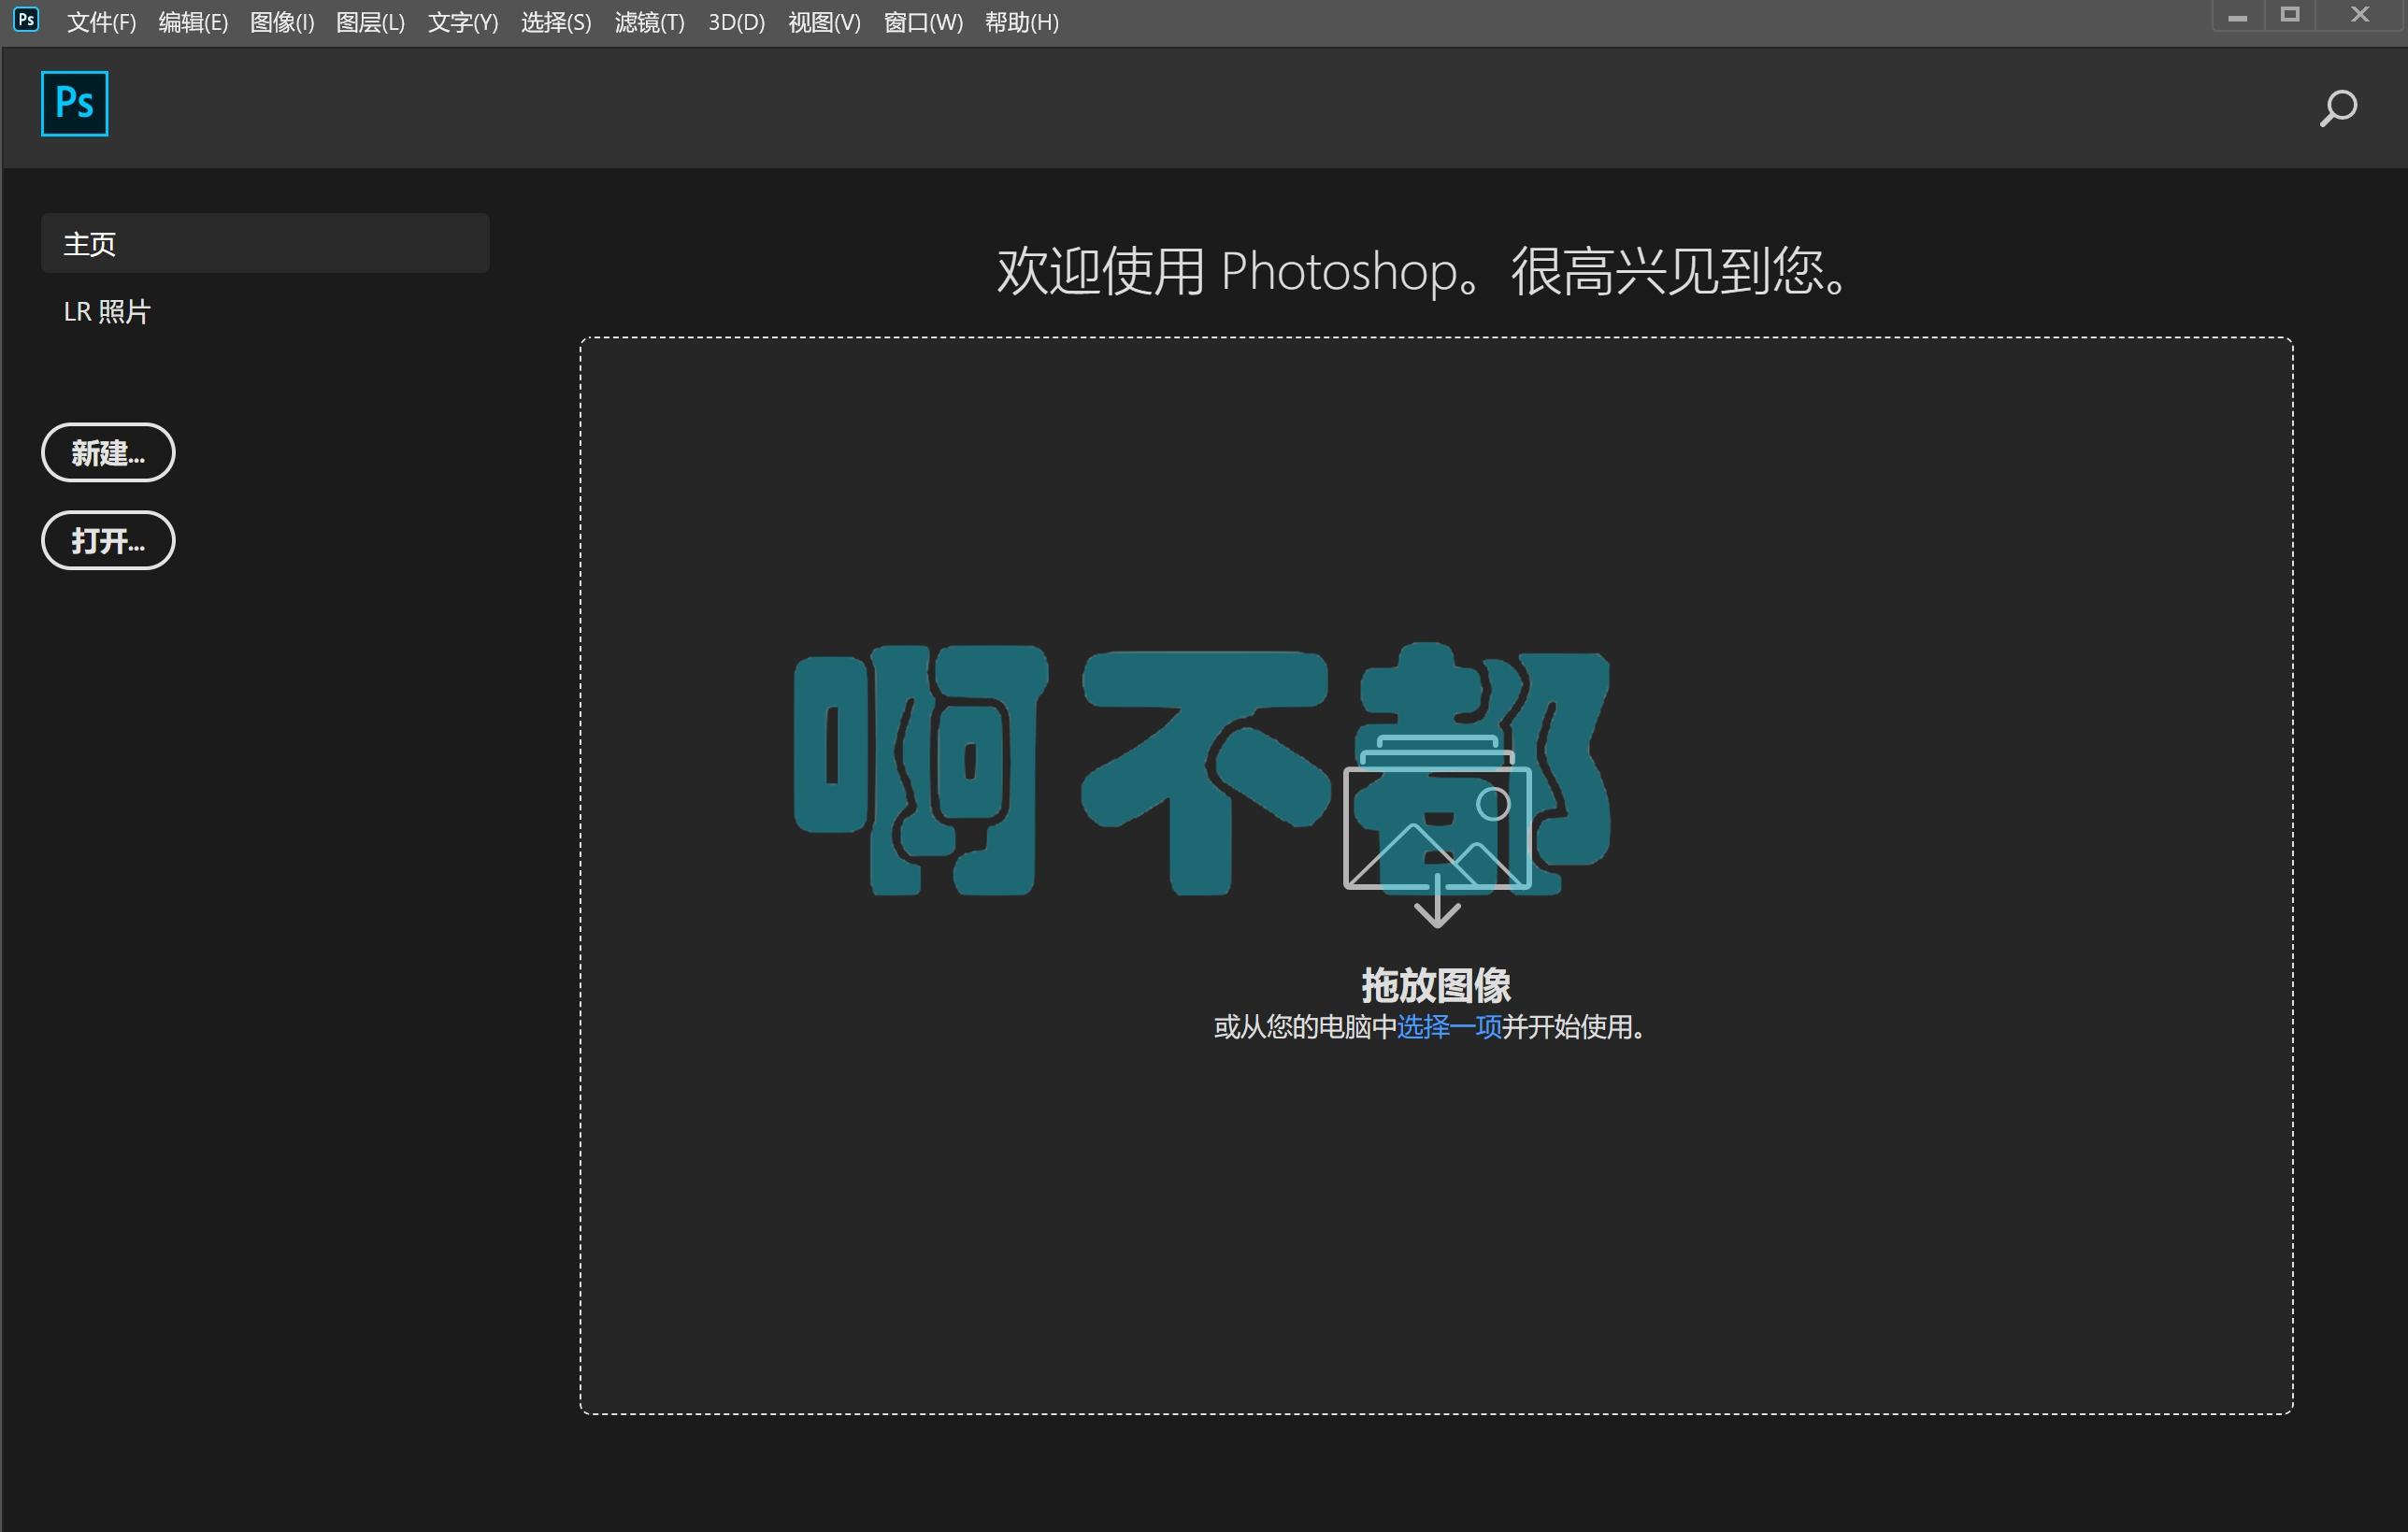 Adobe Photoshop 2020(21.0.3.91) 嬴政天下特别版插图(1)